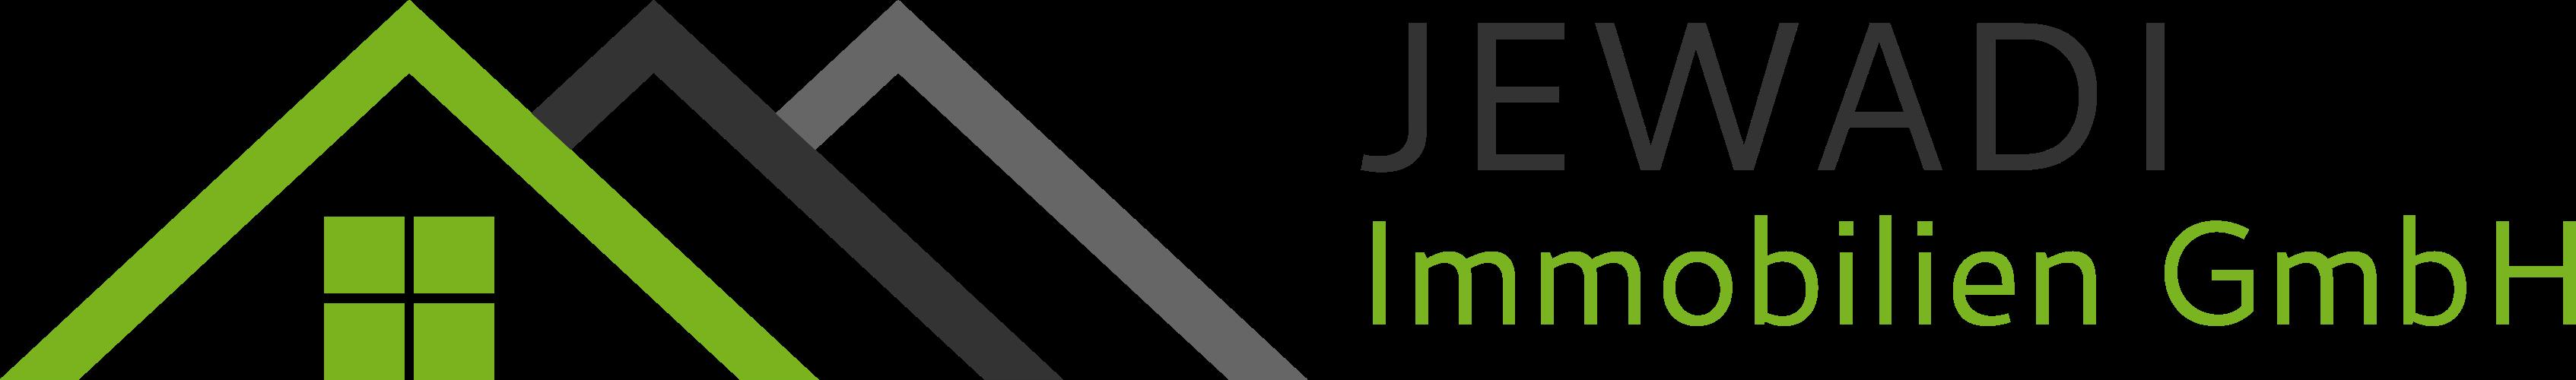 JEWADI Immobilien GmbH